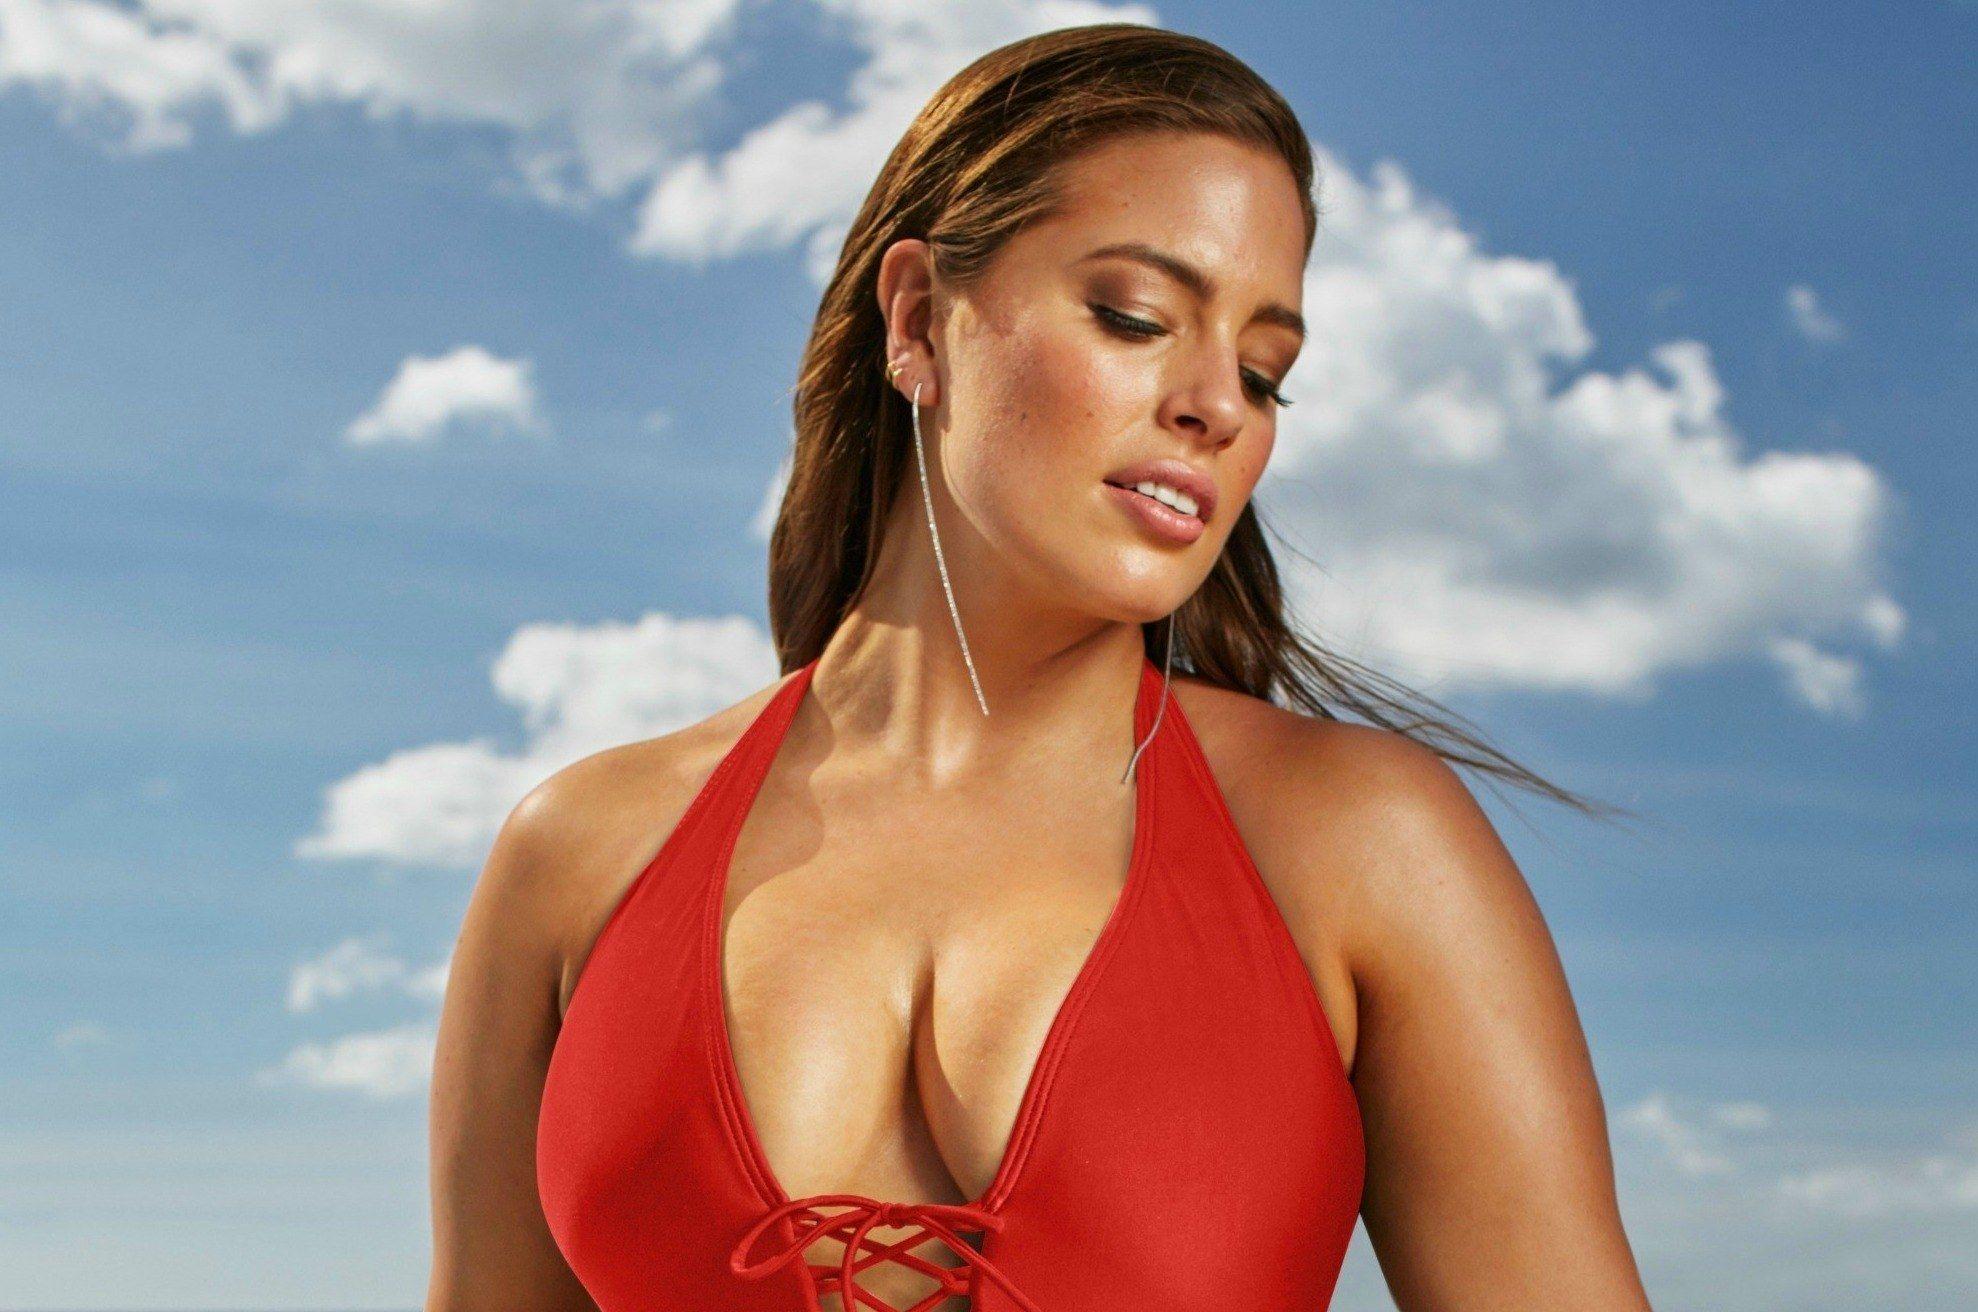 Se hai il seno grande, ecco gli errori da non fare con i costumi da bagno